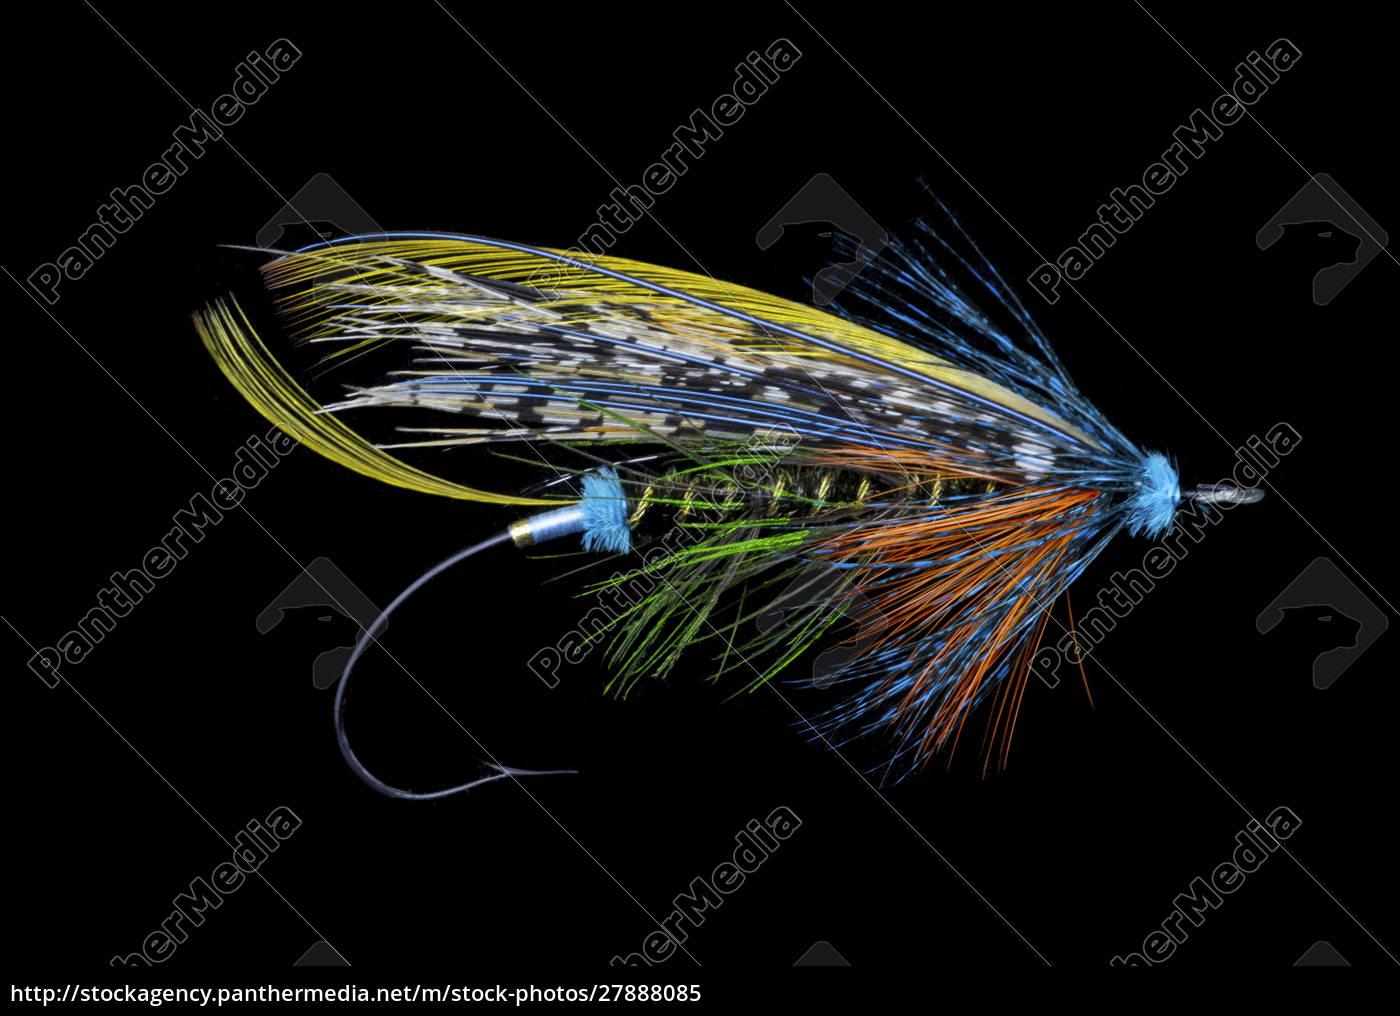 atlantic, salmon, fly, designs, 'ondine' - 27888085